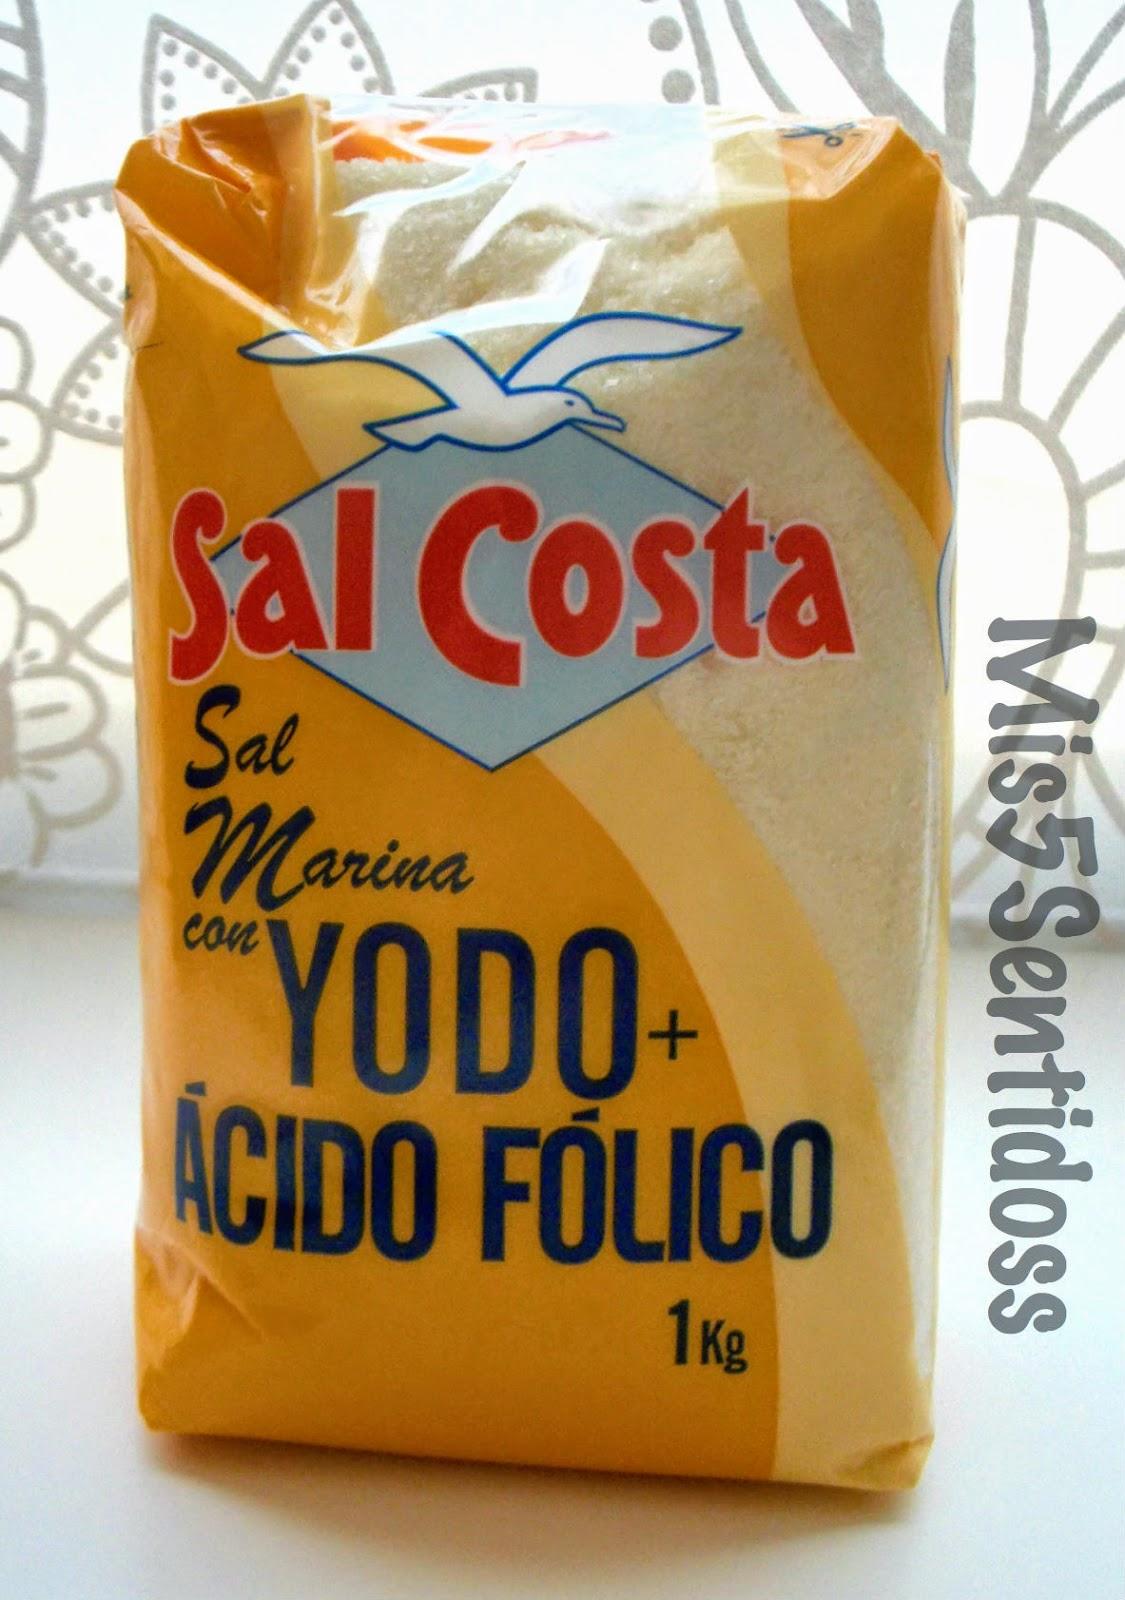 Degustabox junio 2014 Sal costa yodo+ácido fólico